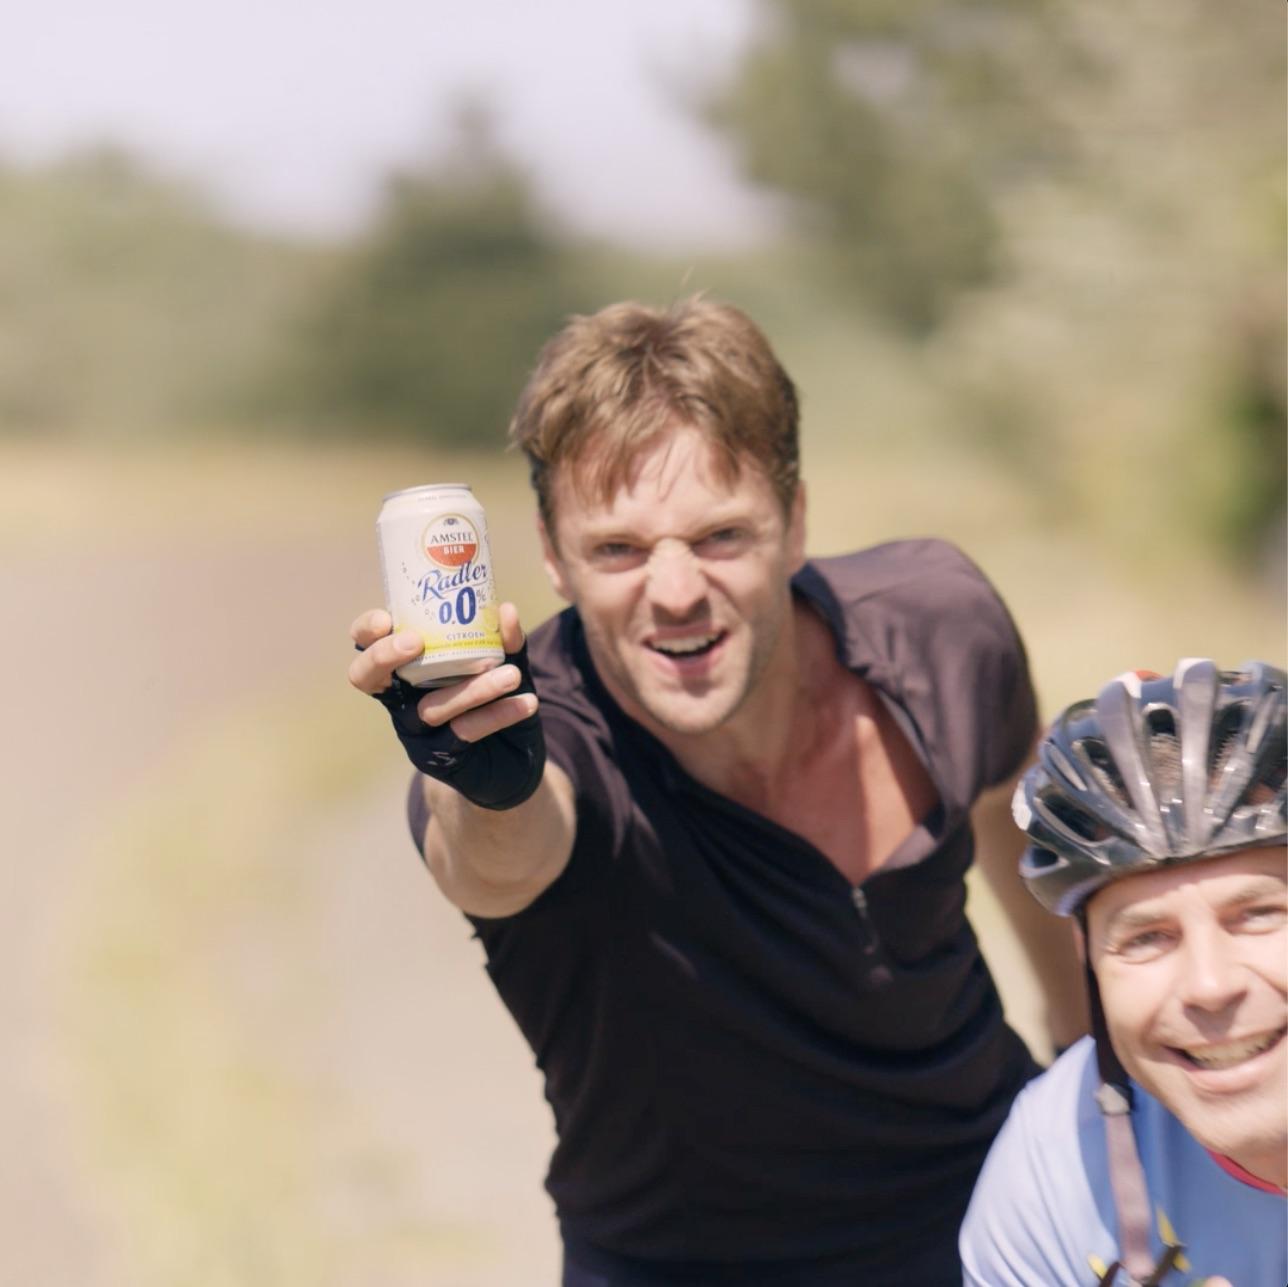 Amstel Radler Commercial